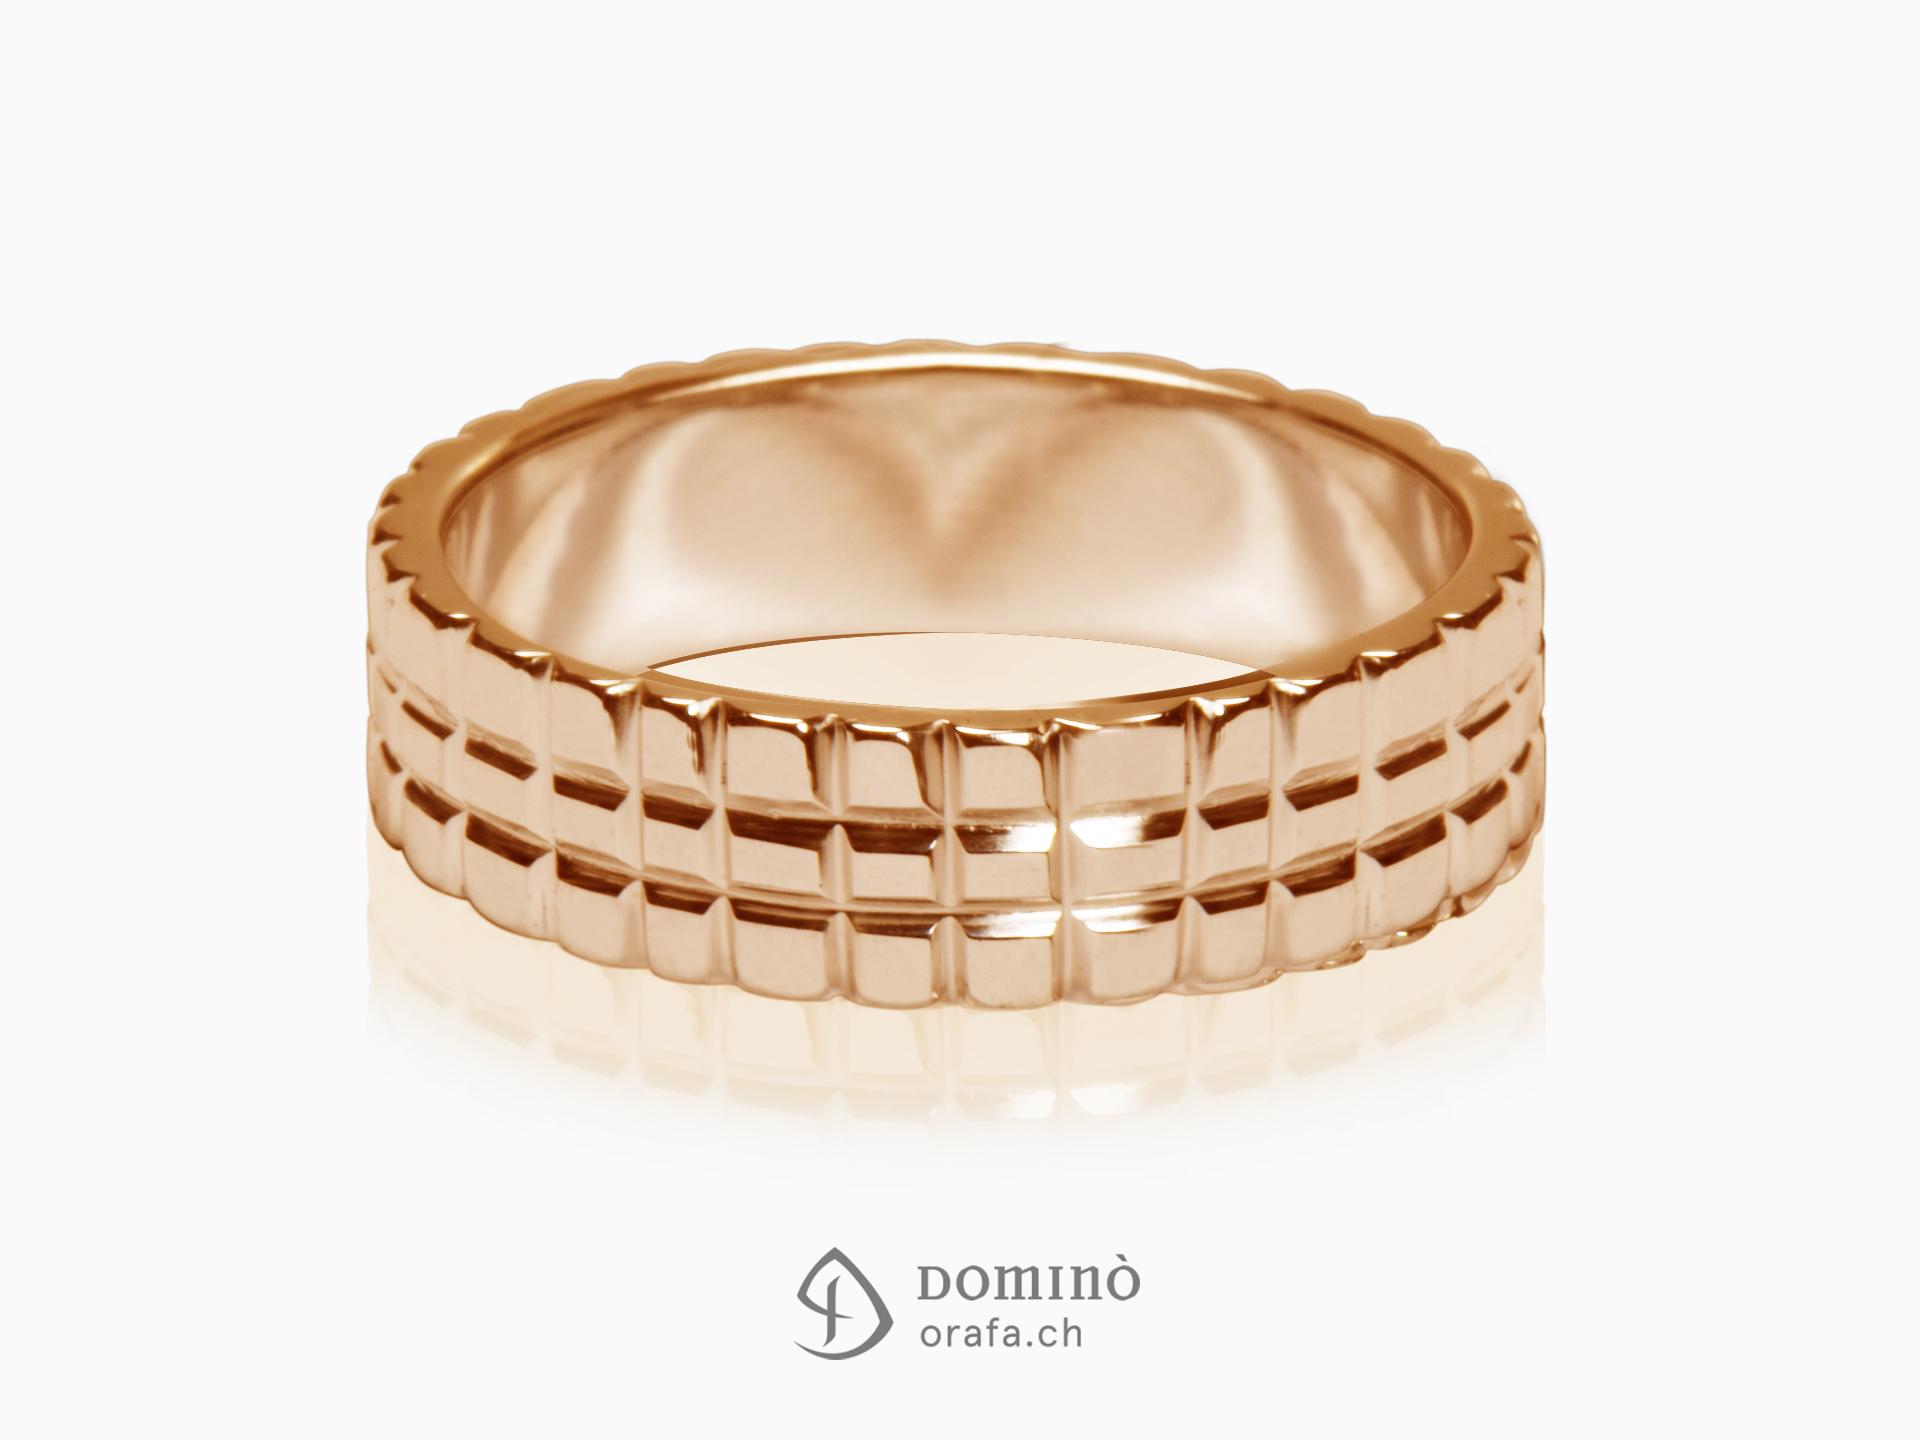 Quadrati rings